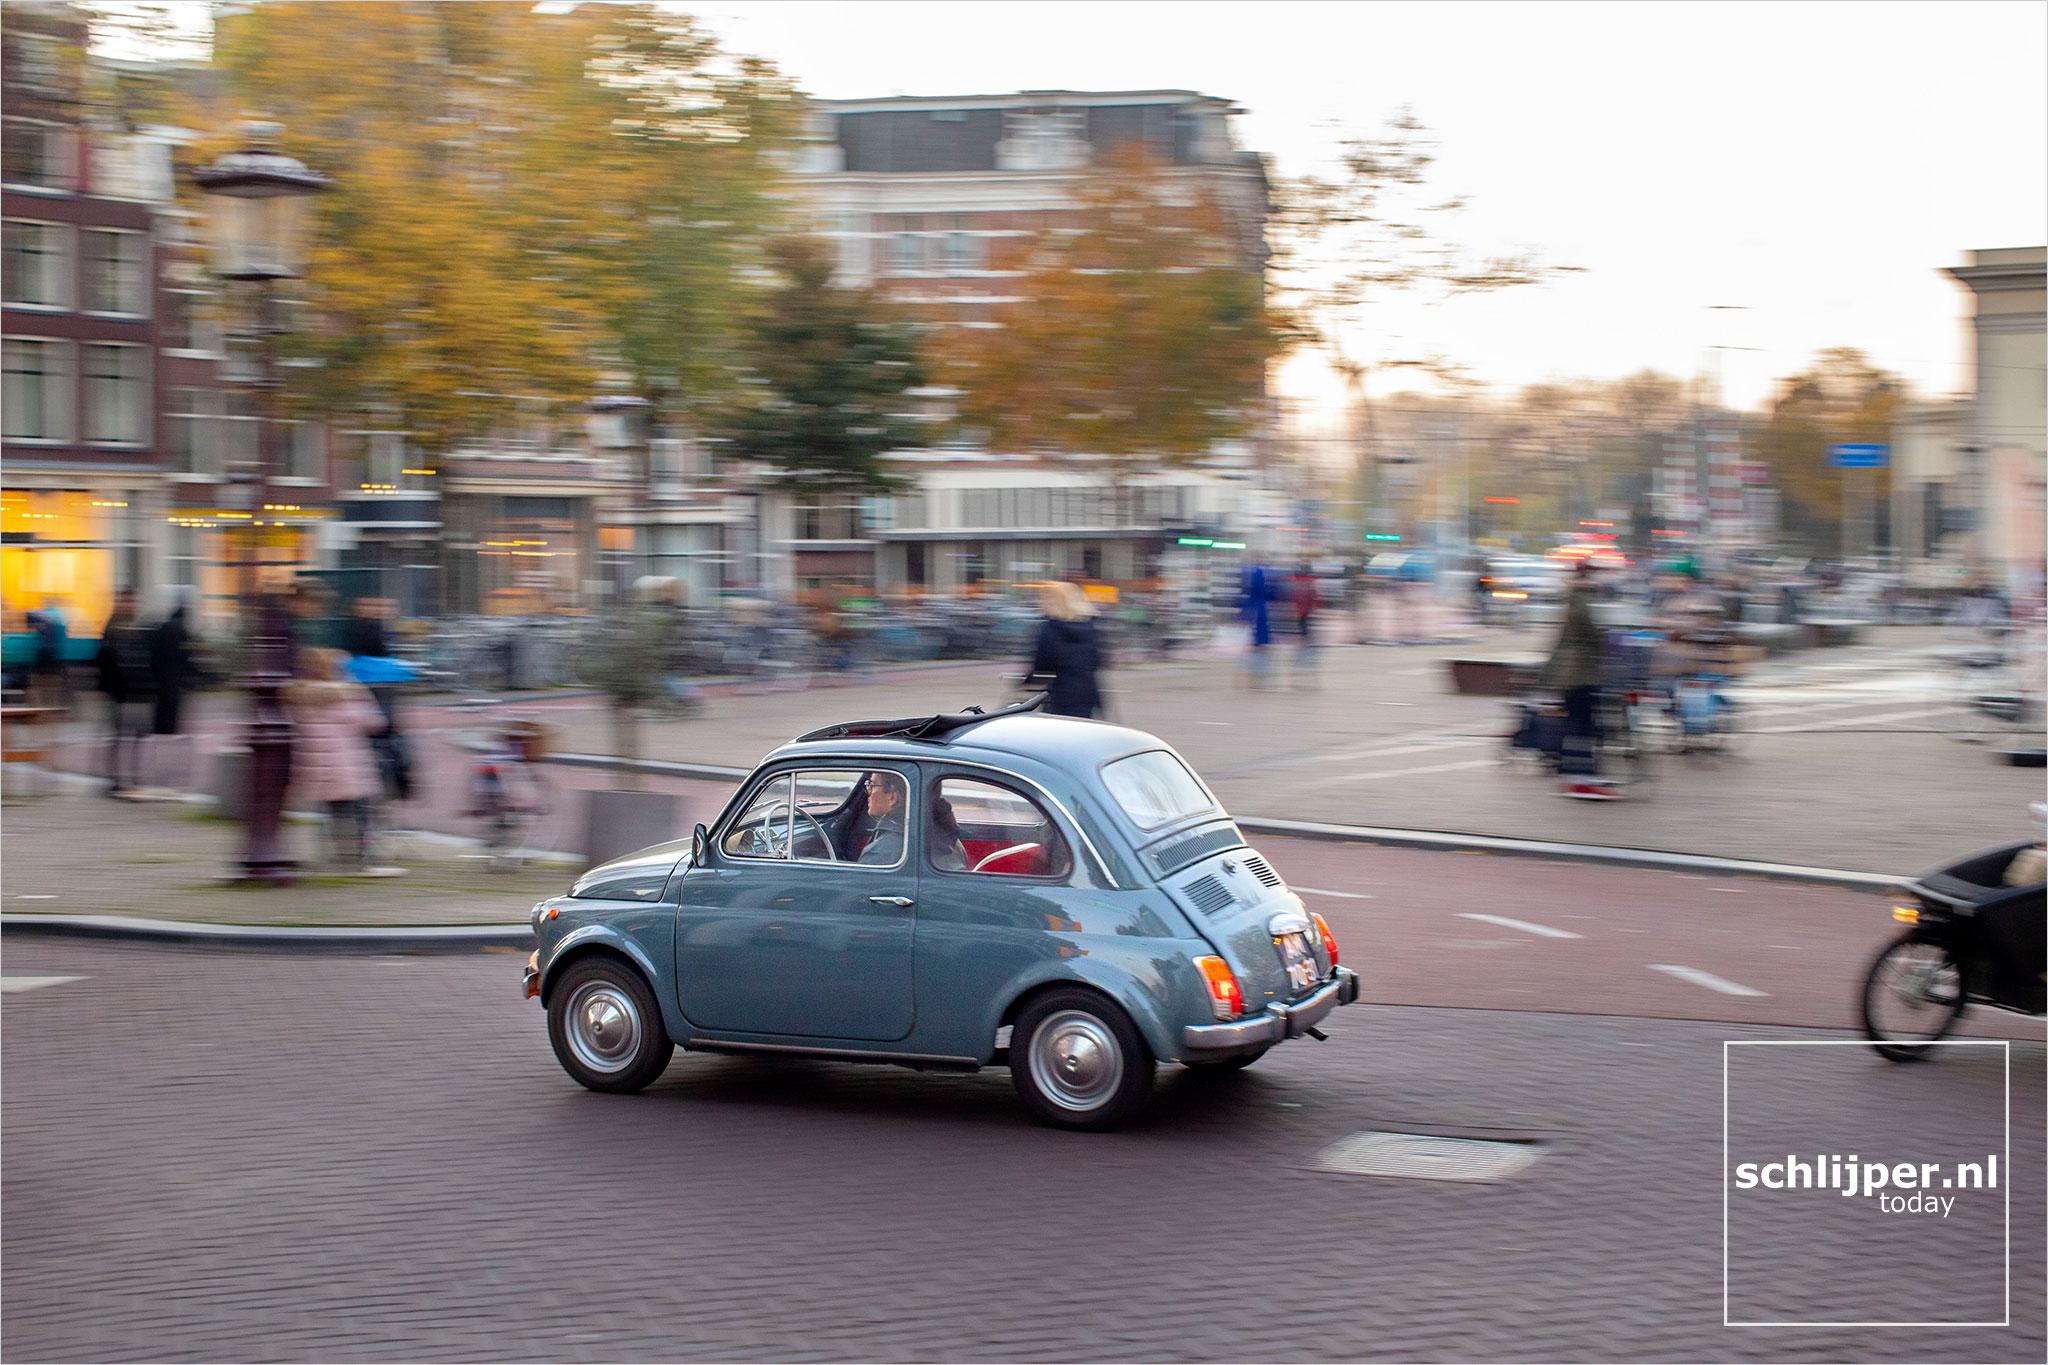 Nederland, Amsterdam, 7 november 2020